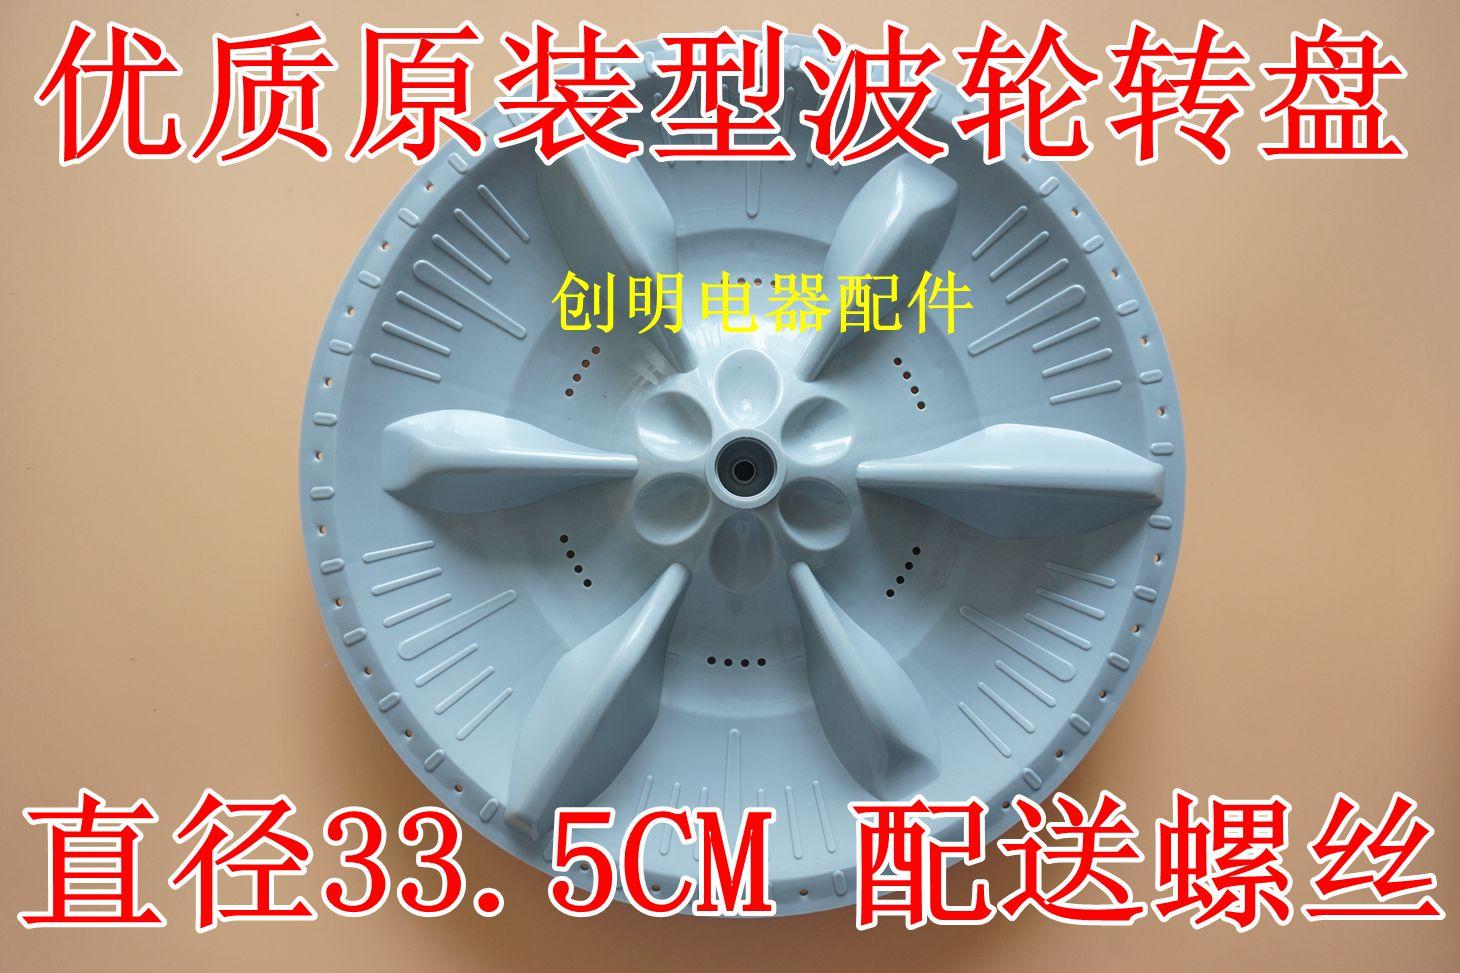 小天鹅洗衣机XQB62-502G波轮XQB60-3268G转盘水叶波盘底盘33.5CM